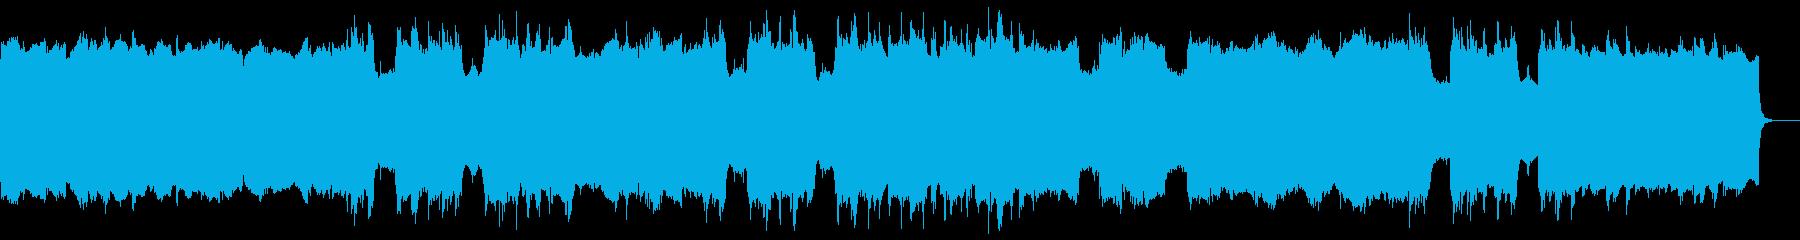 リバース音のアンビエントの再生済みの波形